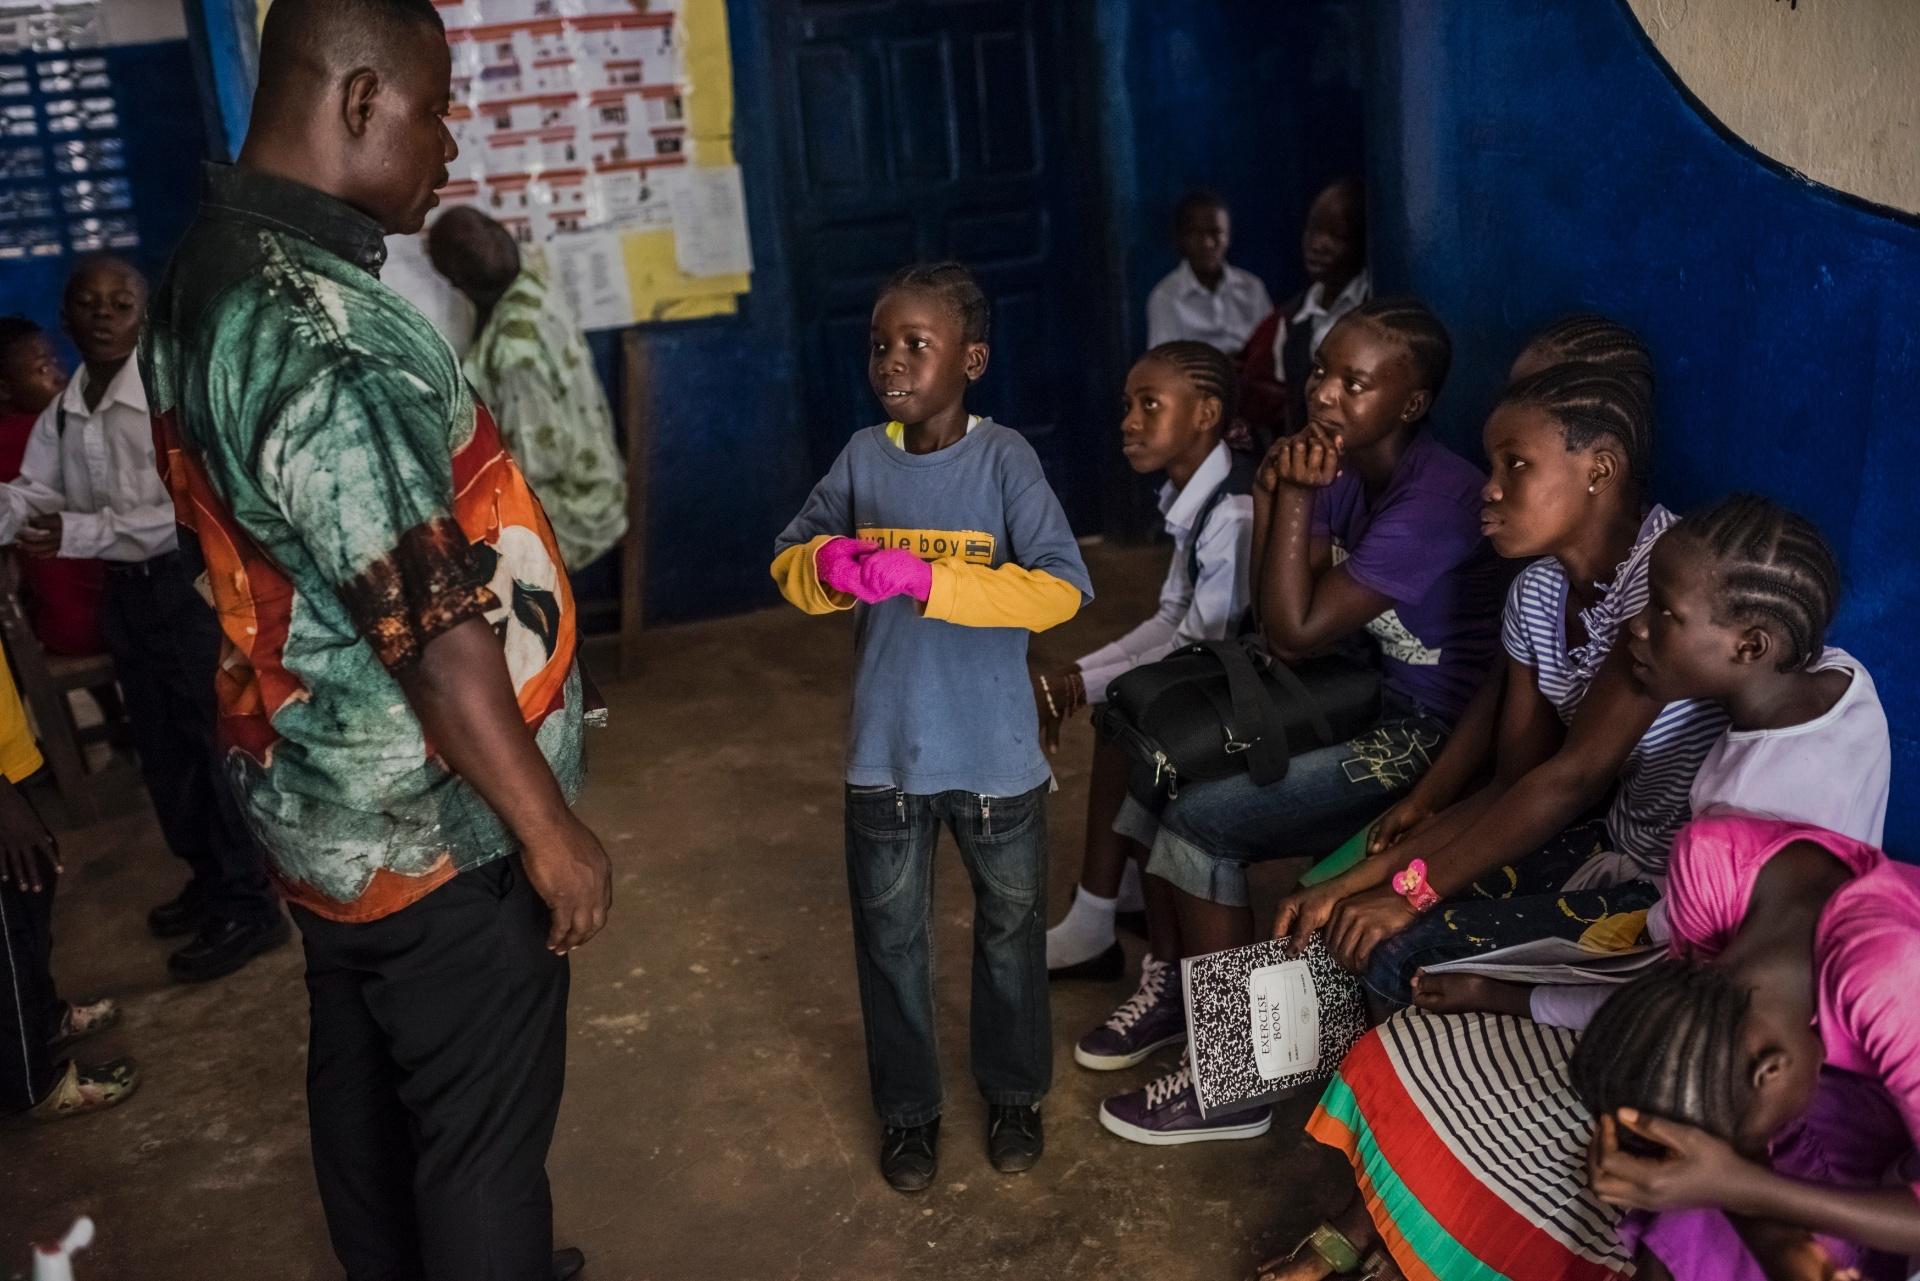 4.mar.2015 -James Nyema, 9, é questionado pelo diretor da escola, Augustus Seongbae, sobre suas luvas rosas, no primeiro dia de aula após o fechamento da escola  C.D.B. King  por oito meses devido a um surto de ebola no país